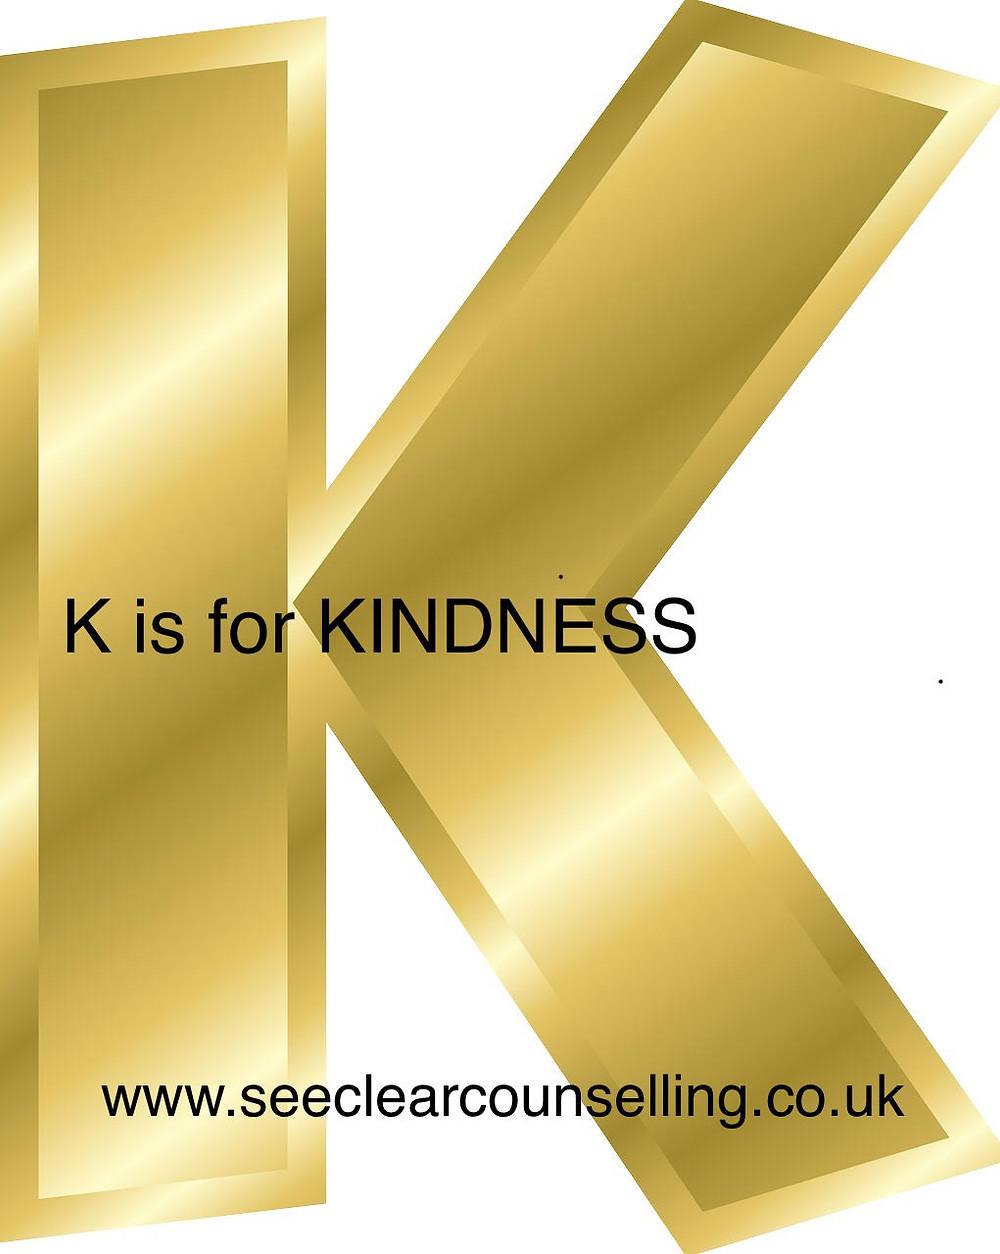 Gold letter K for Kindness